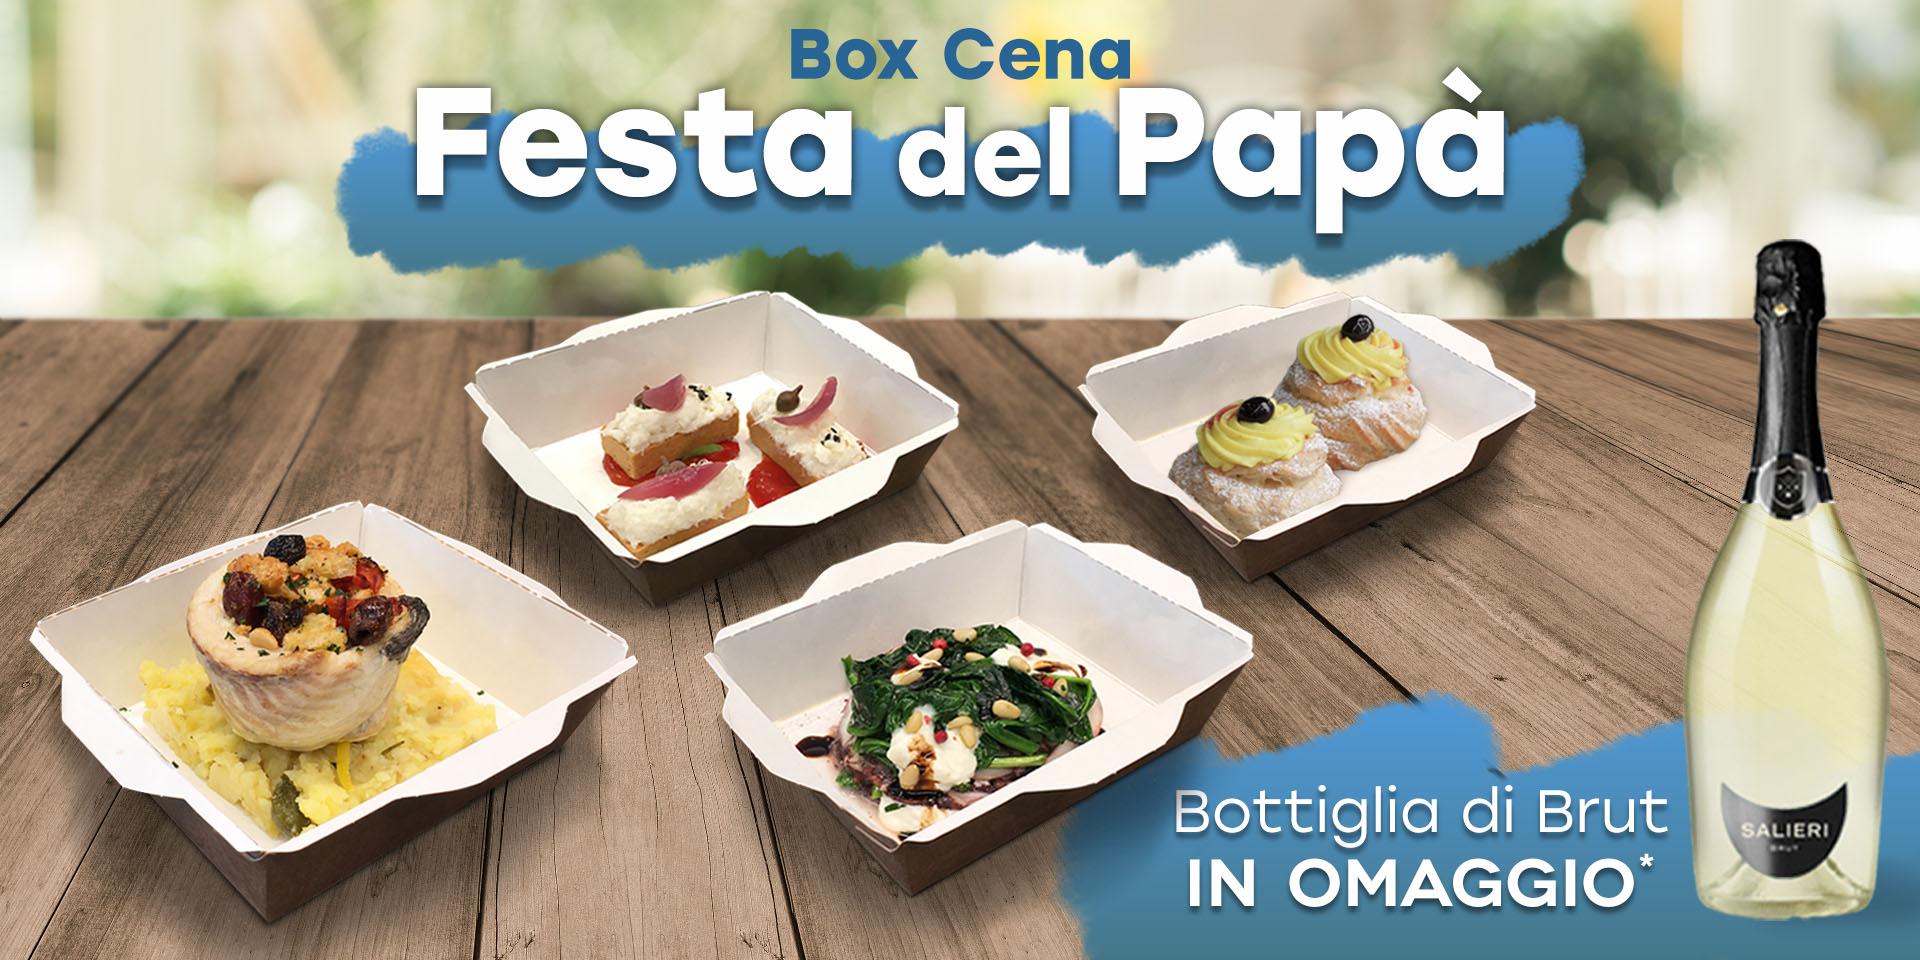 Box Cena Festa del Papà  ||  19 Marzo